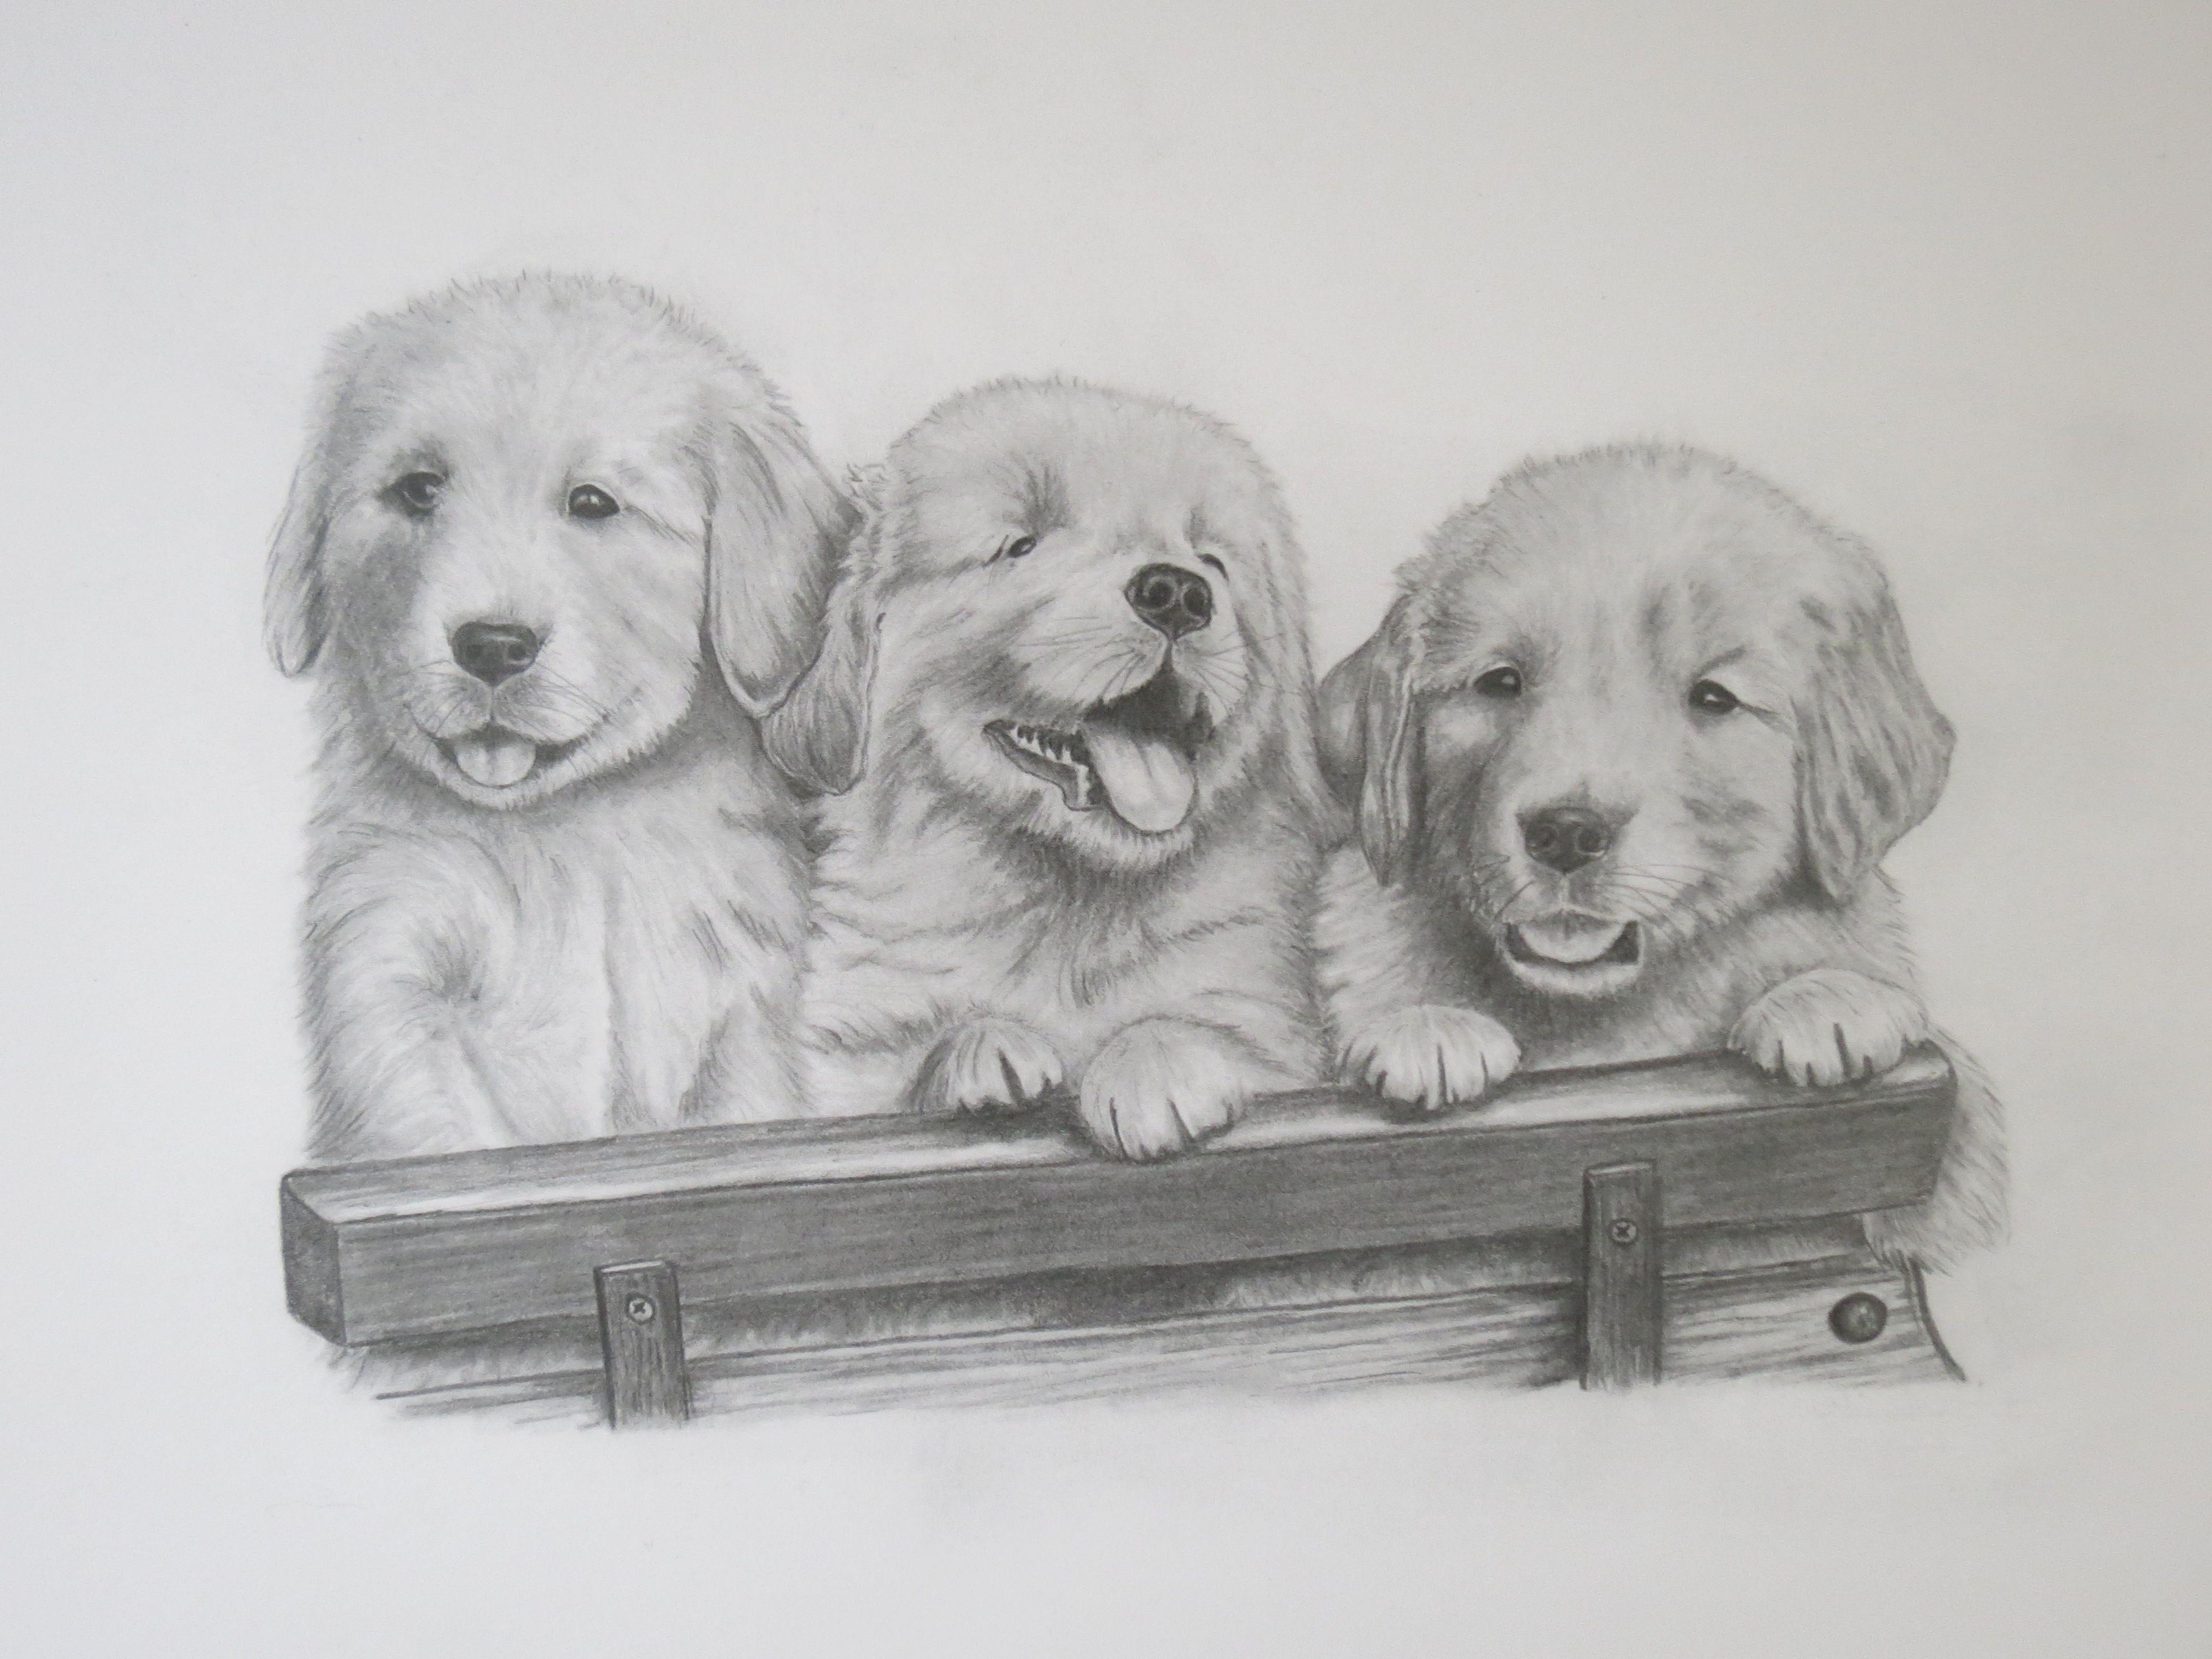 другом, картинки с собачками щенятами карандашом правил при создании